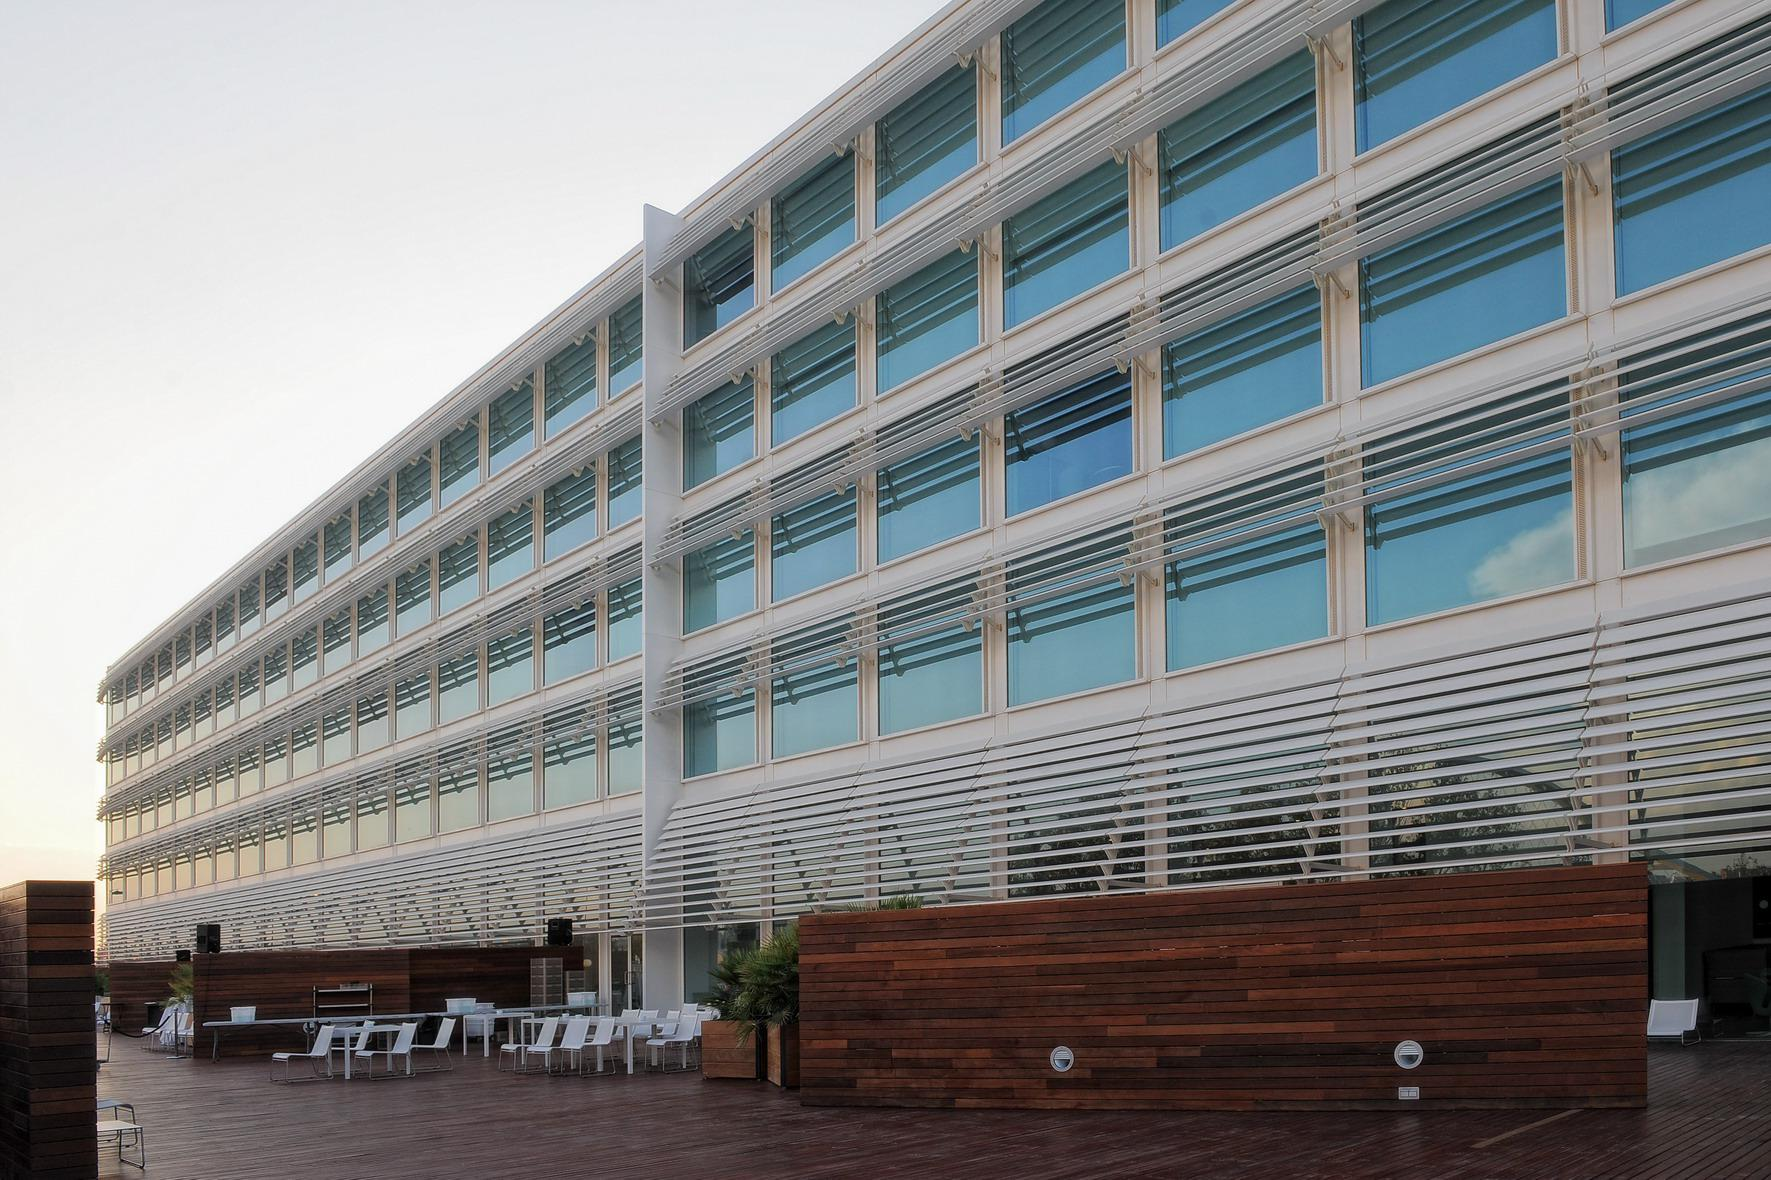 Hotel hiberus centro de negocios en zaragoza palafox for Hoteles familiares en zaragoza capital